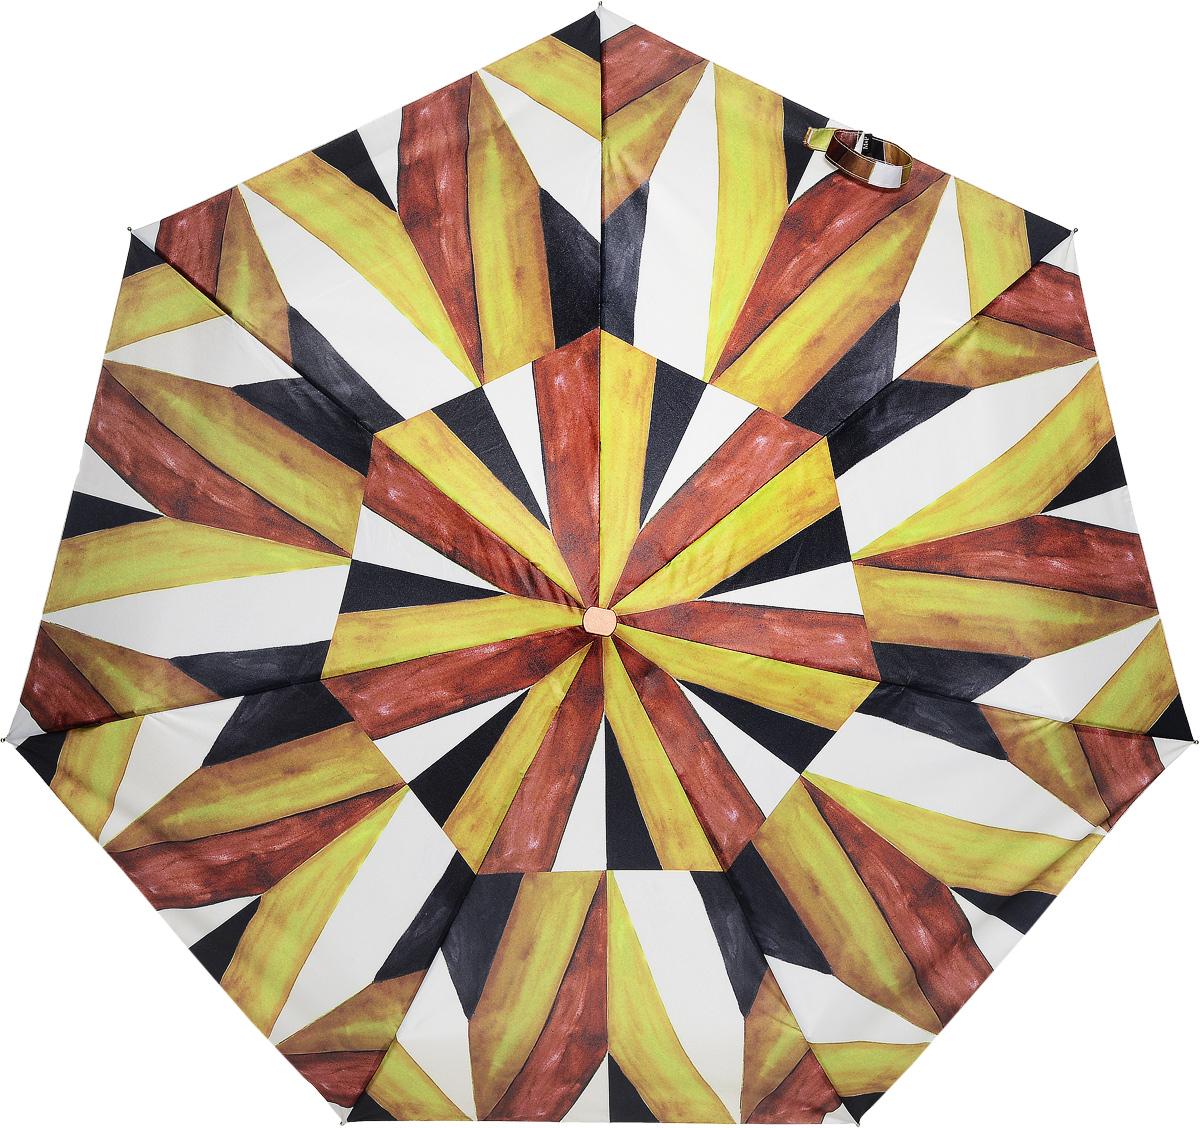 M&P 5869-3 Зонт полный автом. 4 сл. жен.5869-3Зонт испанского производителя Clima. В производстве зонтов используются современные материалы, что делает зонты легкими, но в то же время крепкими. Полный автомат, 4 сложения, 7 спиц, полиэстер.